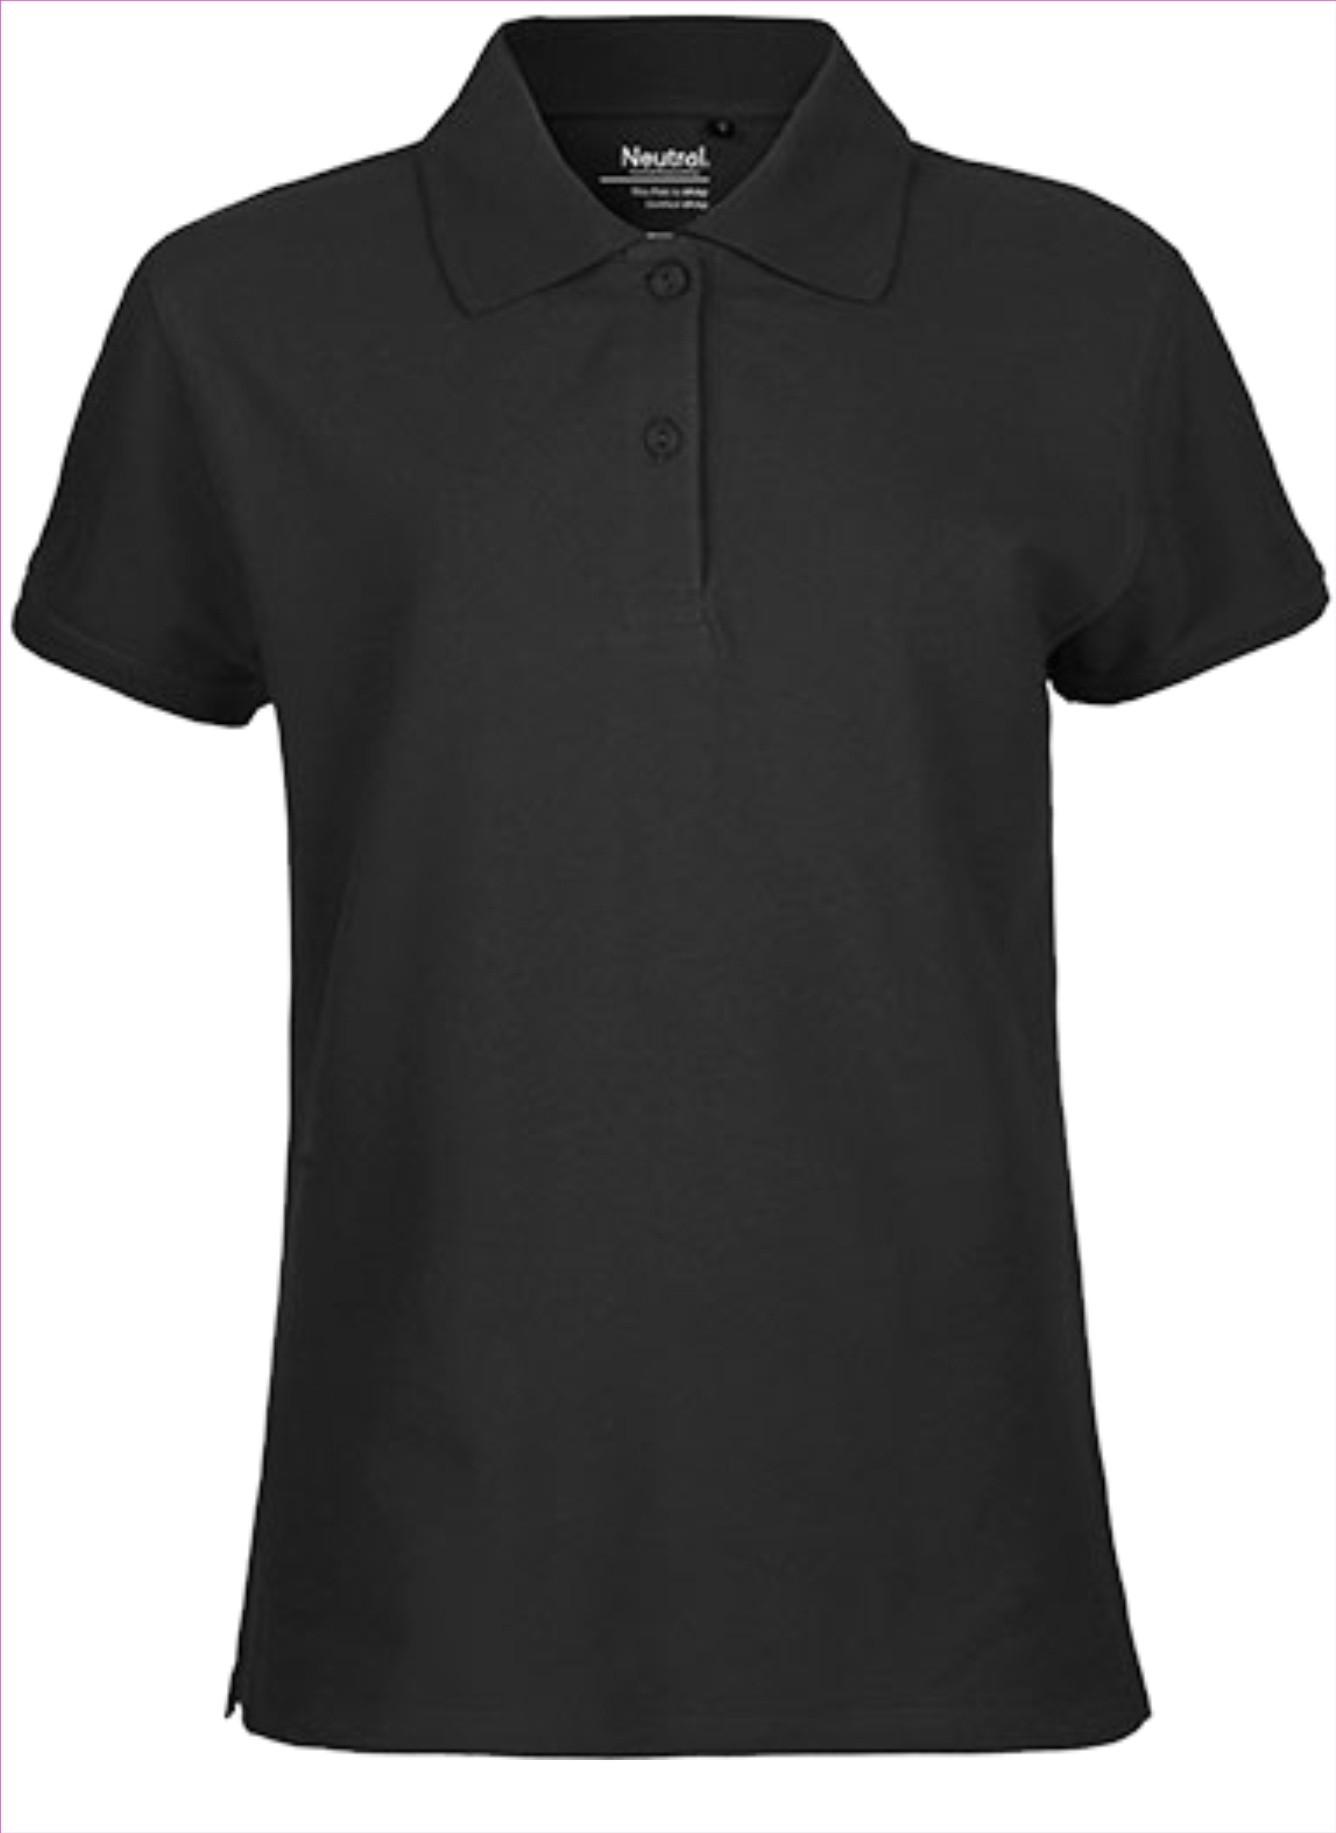 Neutral Poloshirt GOTS Damen